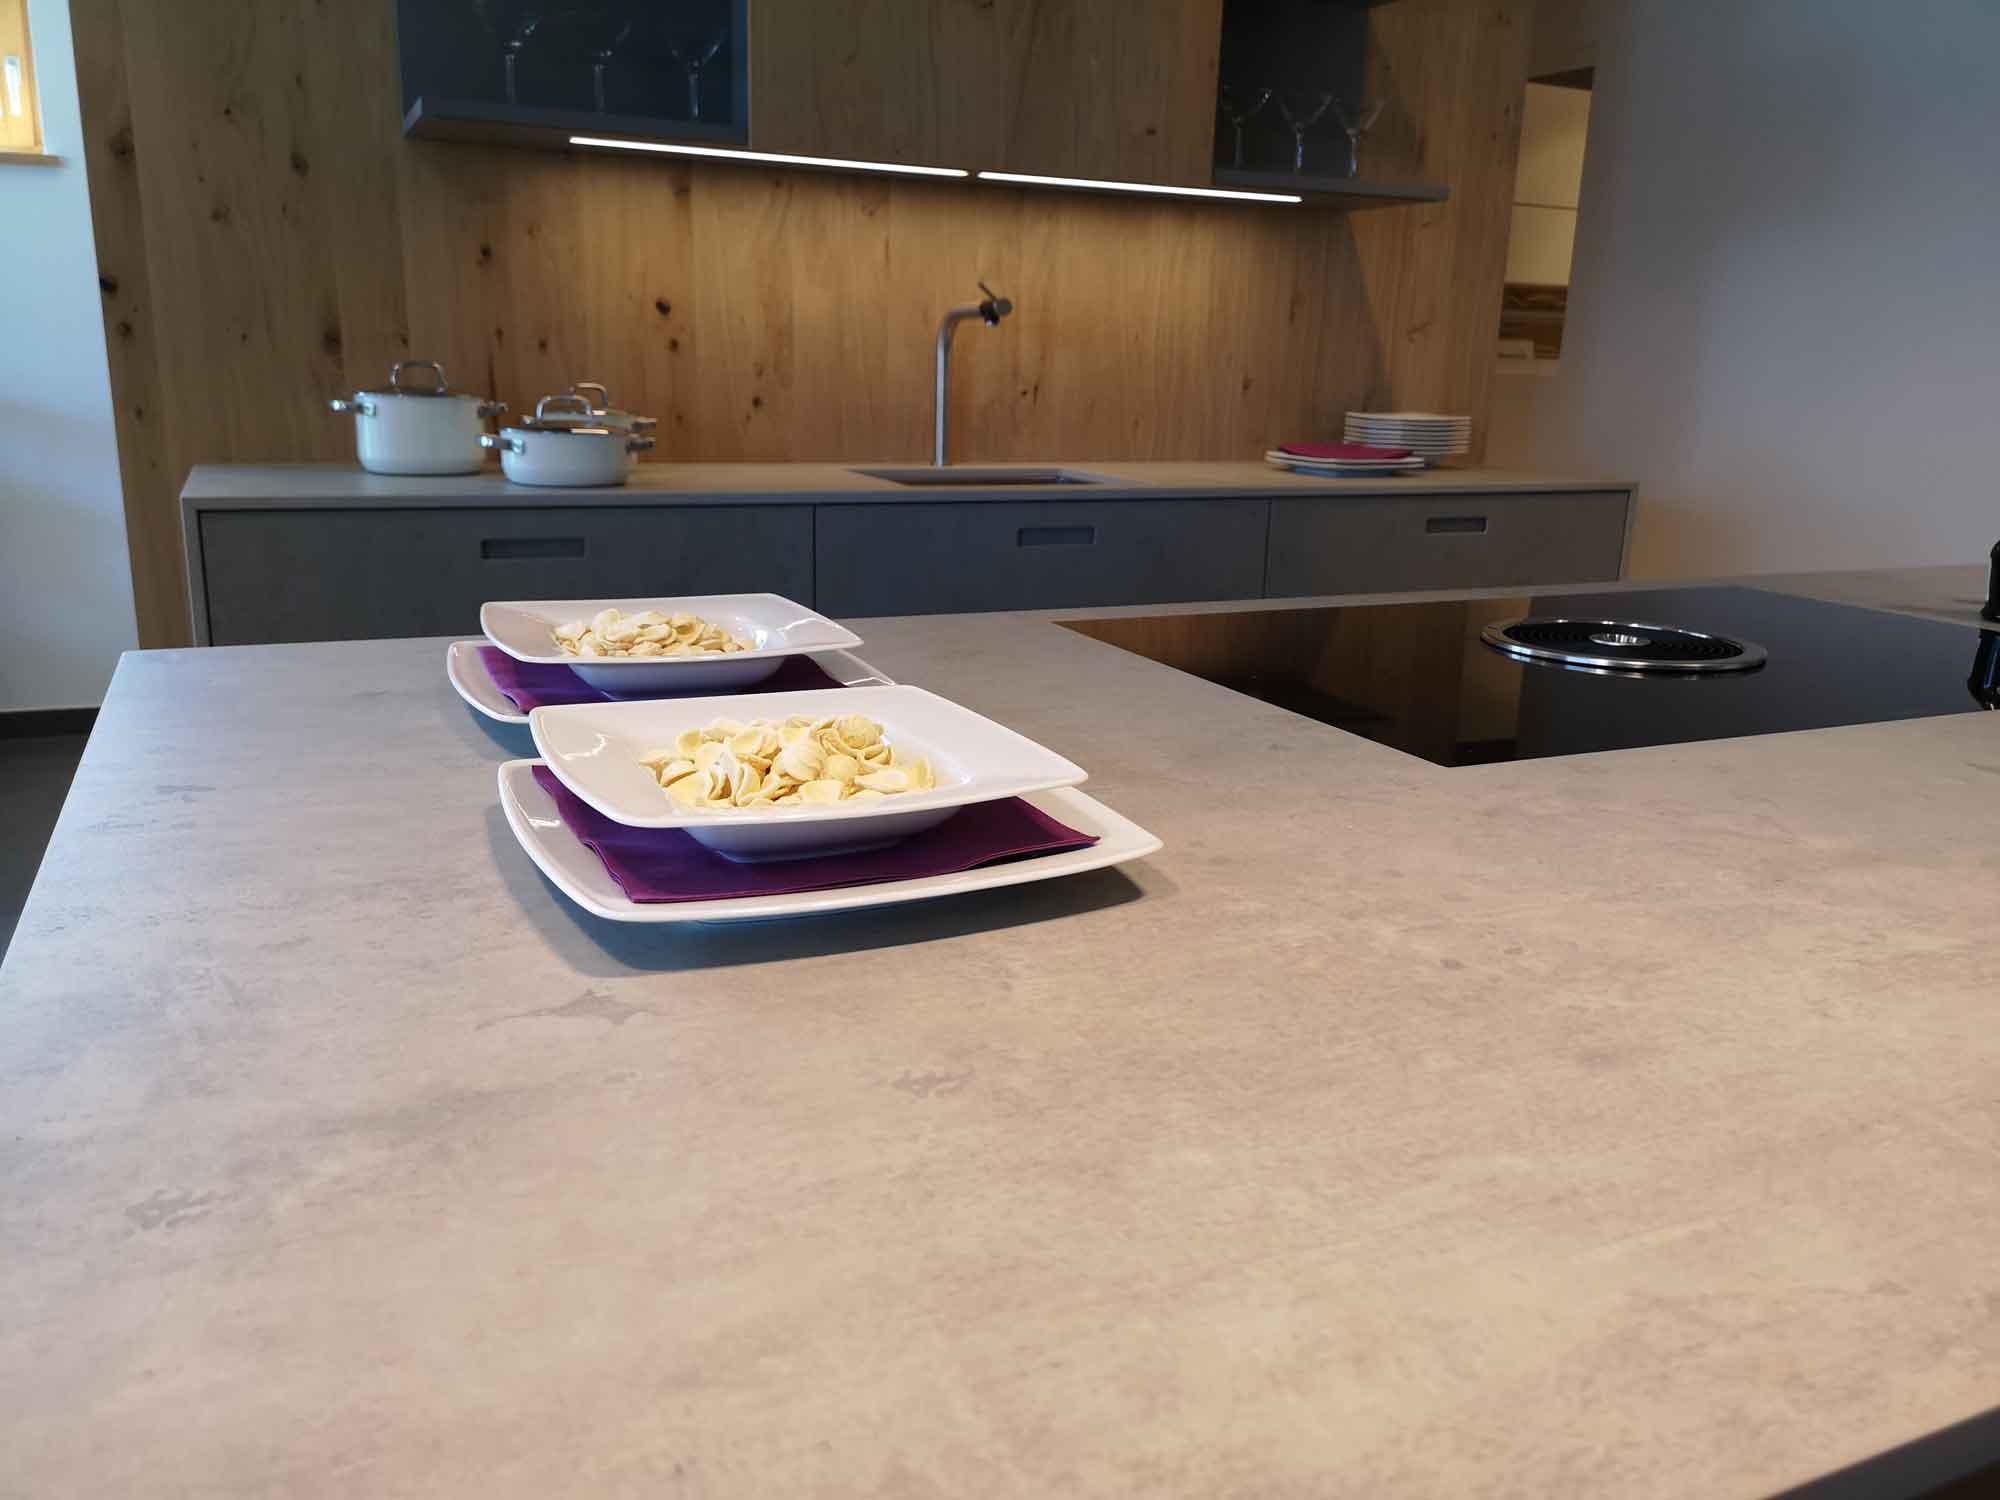 Arbeitsplatte Beton Kueche Ideen Kuche Beton Arbeitsplatte Kuche Moderne Kuche